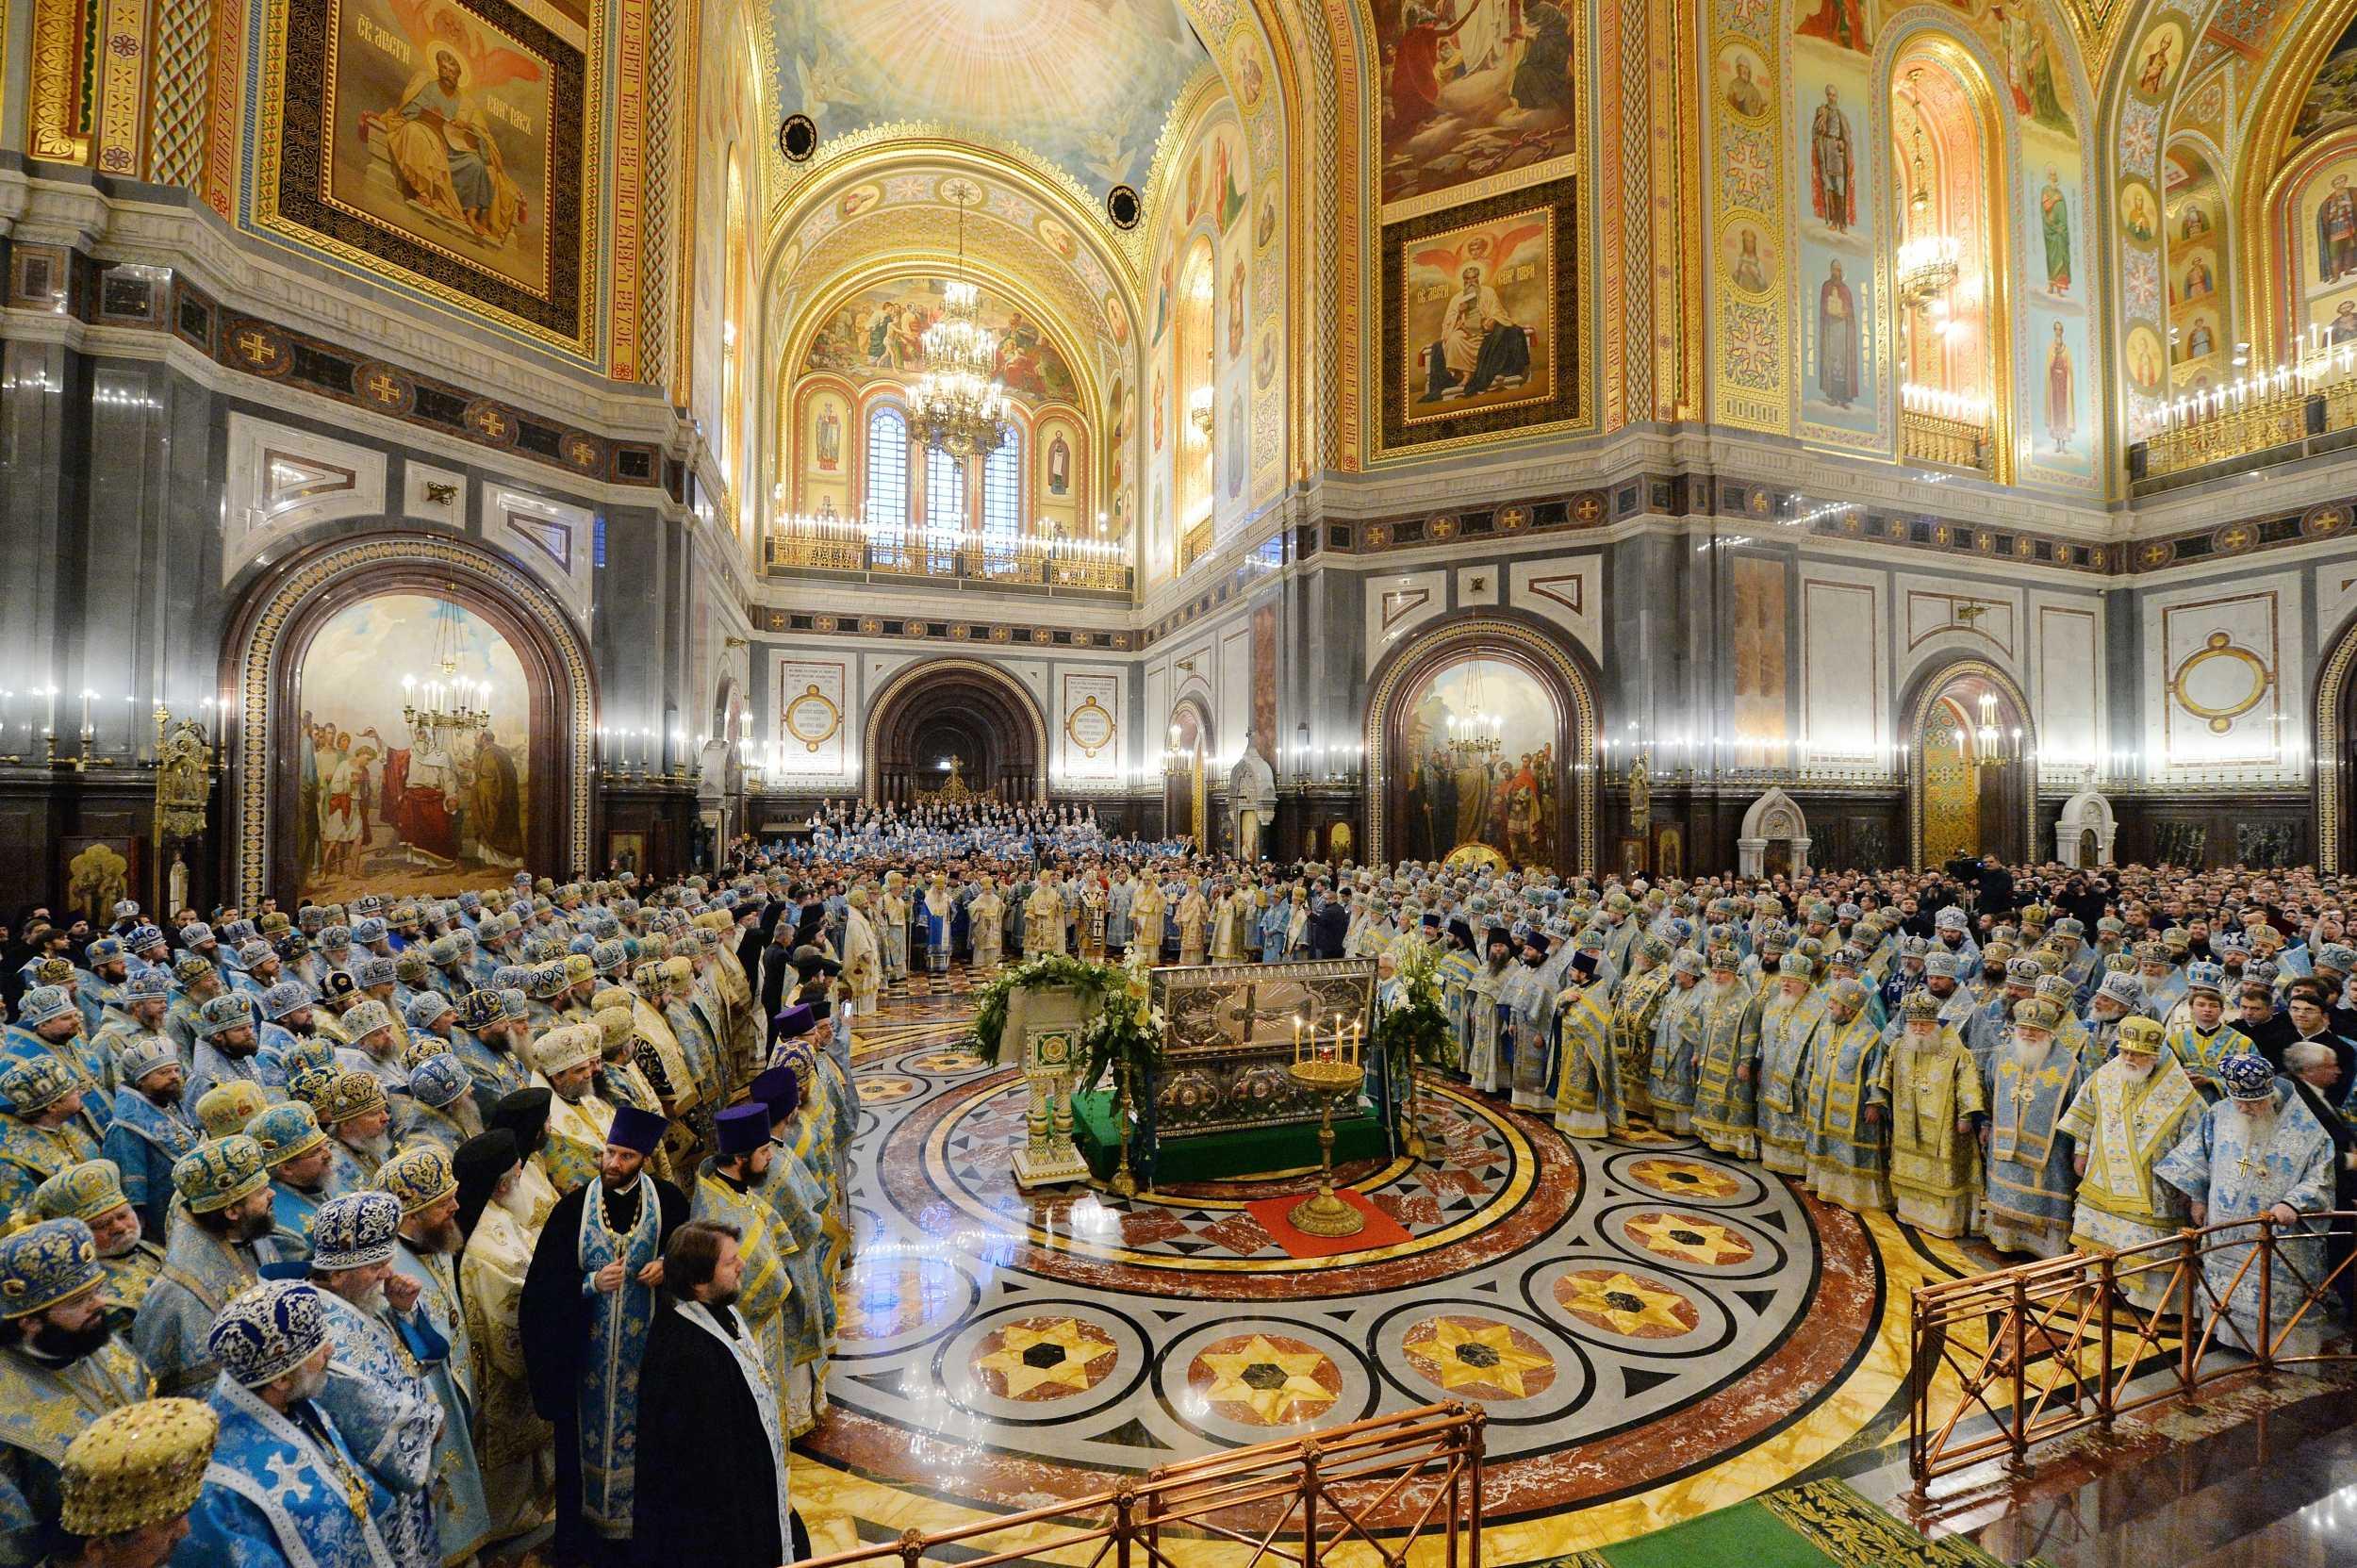 Епископ Петропавловский и Булаевский Владимир принял участие в соборном богослужении в храме Христа Спасителя г. Москвы